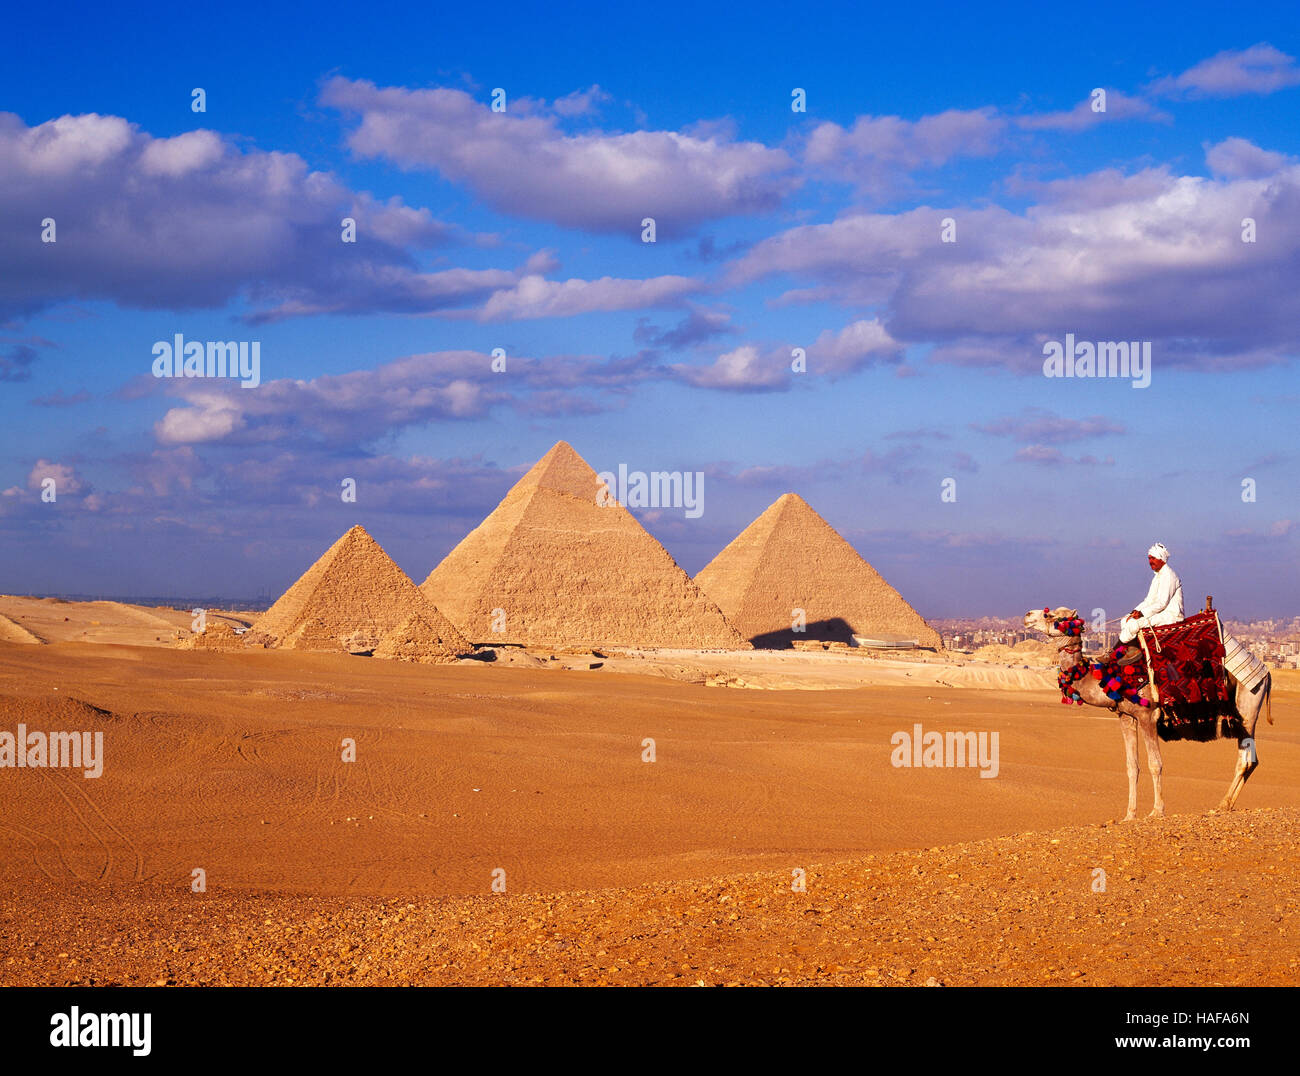 Pyramides et Camel rider, Gizeh, Le Caire, Égypte. Photo Stock